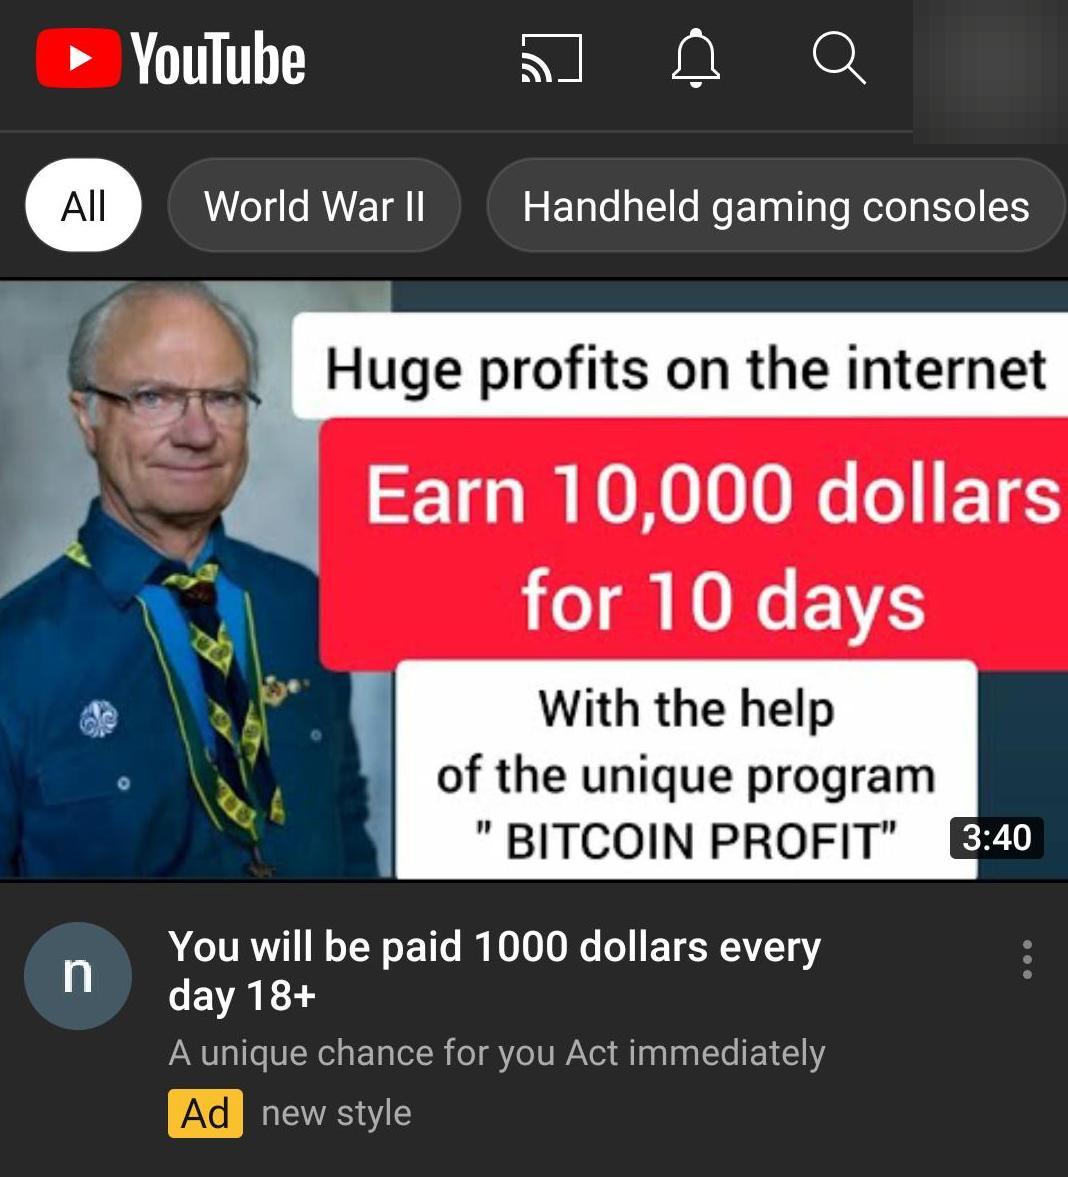 Kungen pryder bitcoinreklamen, något han inte står bakom.